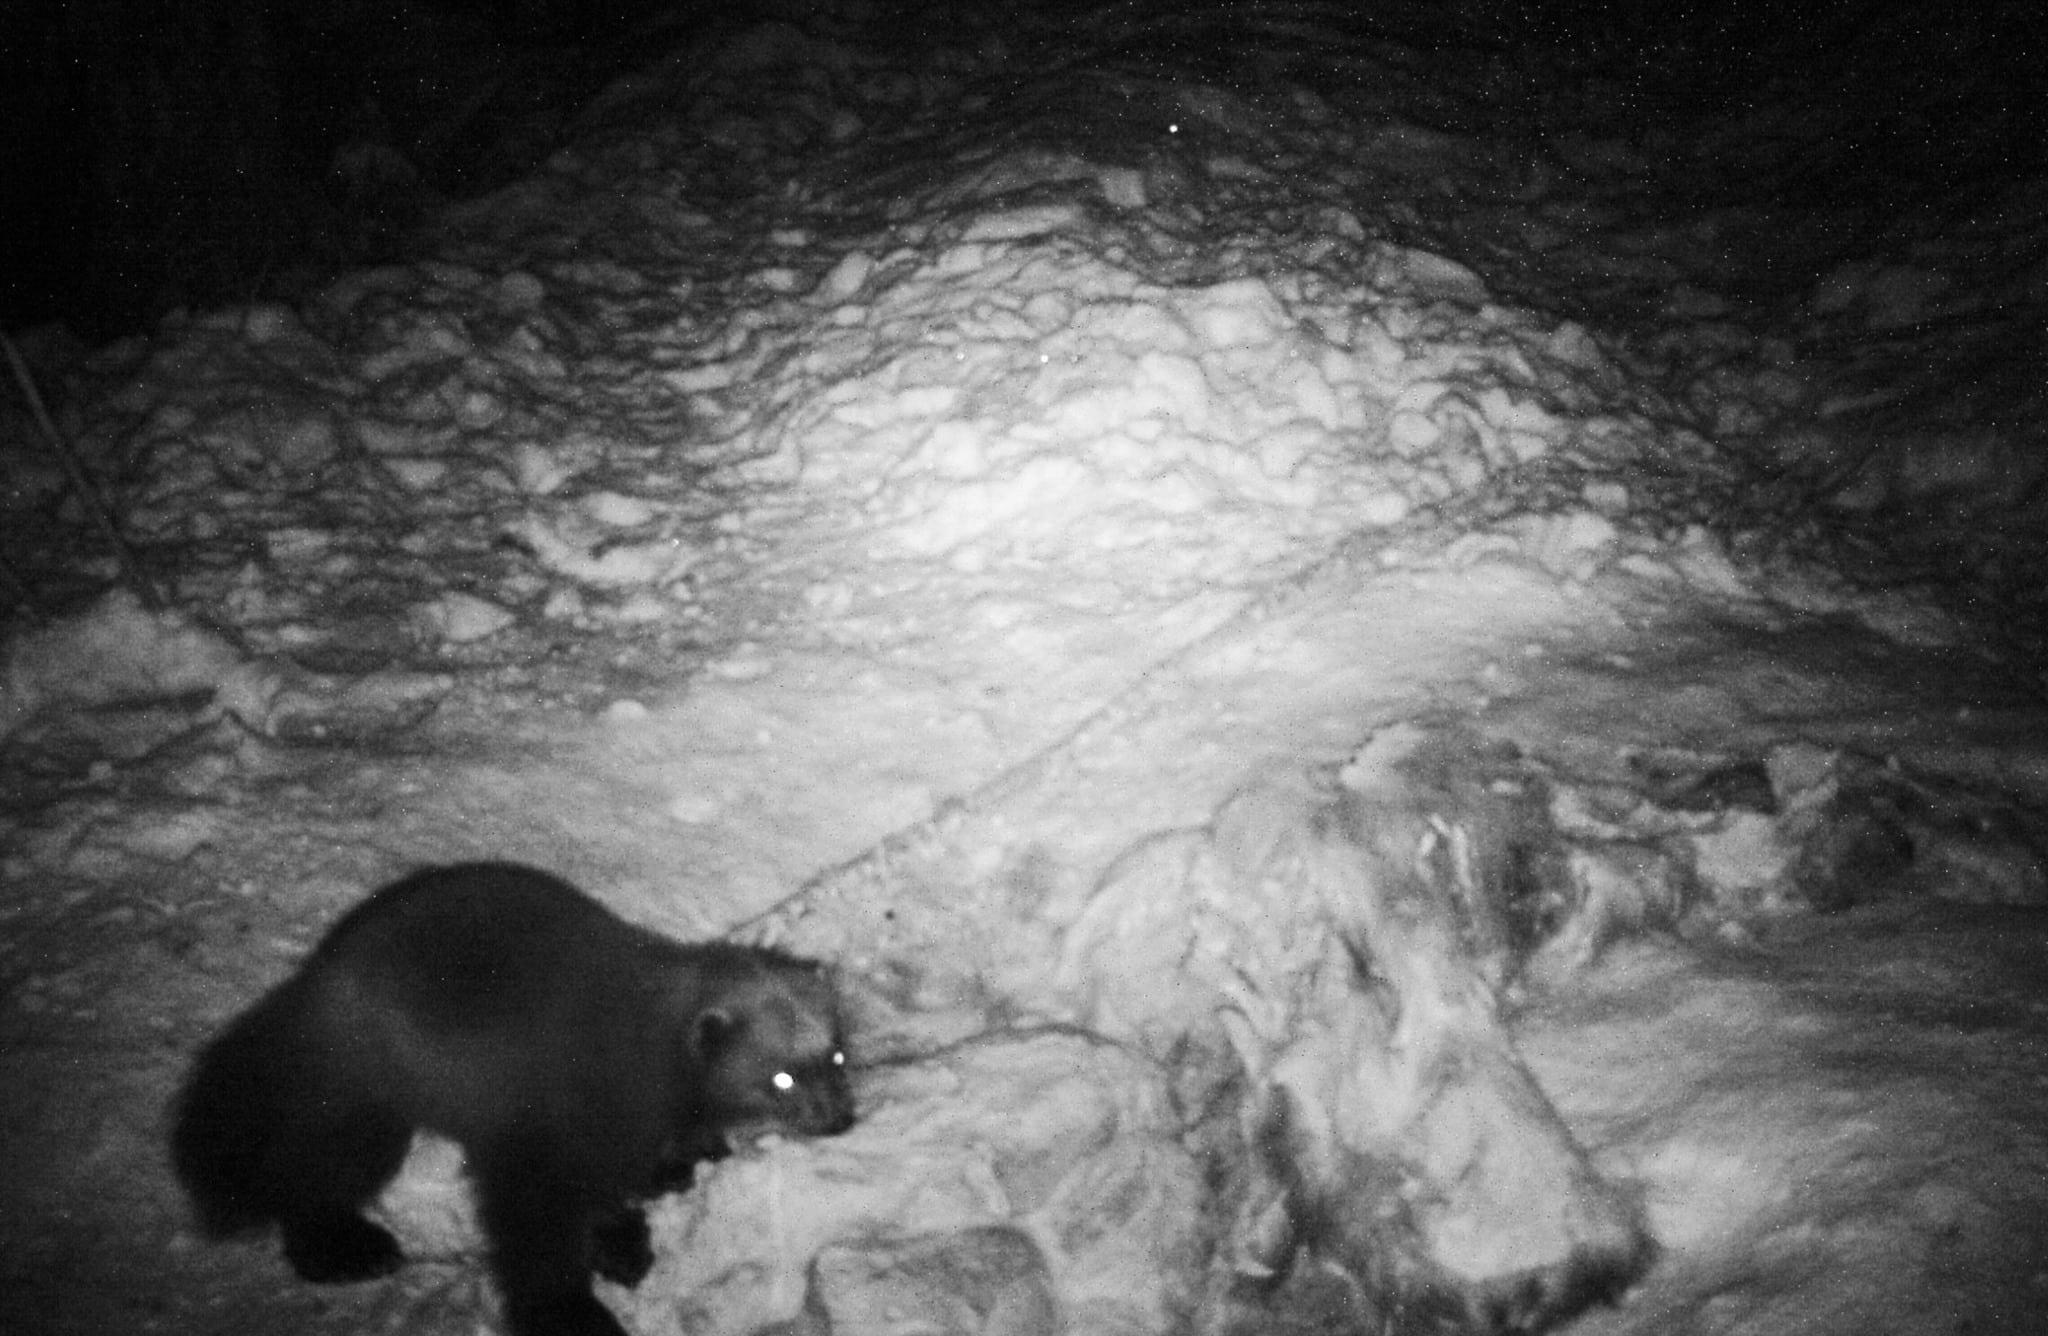 Lockande kadaver. Järven har återkommit flera kvällar i rad för att äta av älgkadavret. Foto: Länsstyrelsen i Värmland